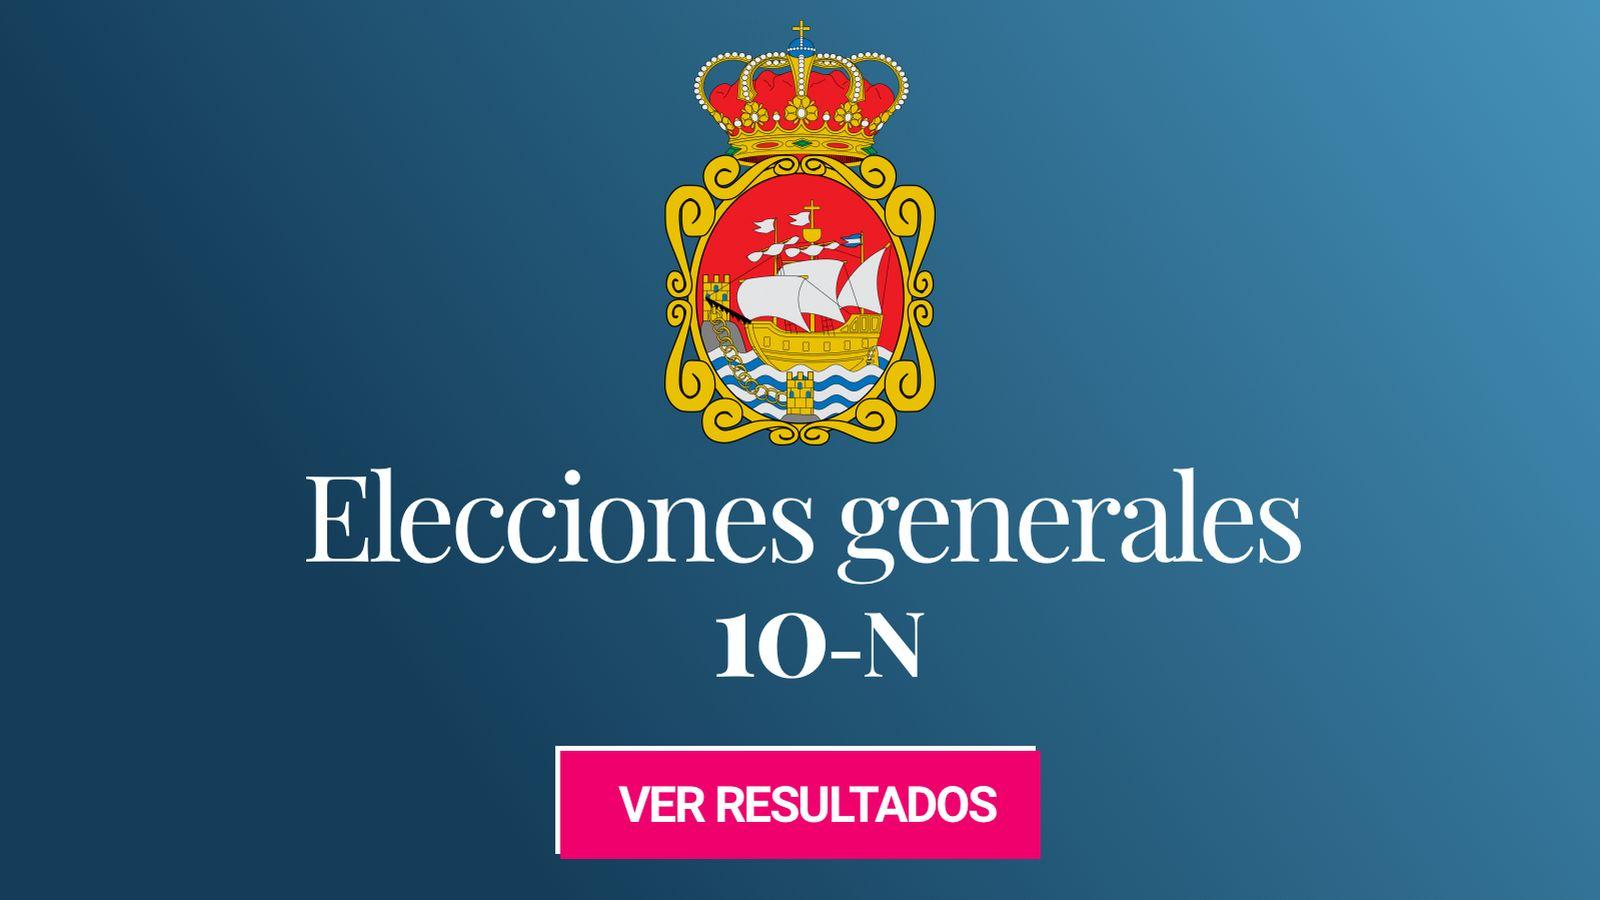 Foto: Elecciones generales 2019 en Avilés. (C.C./EC)